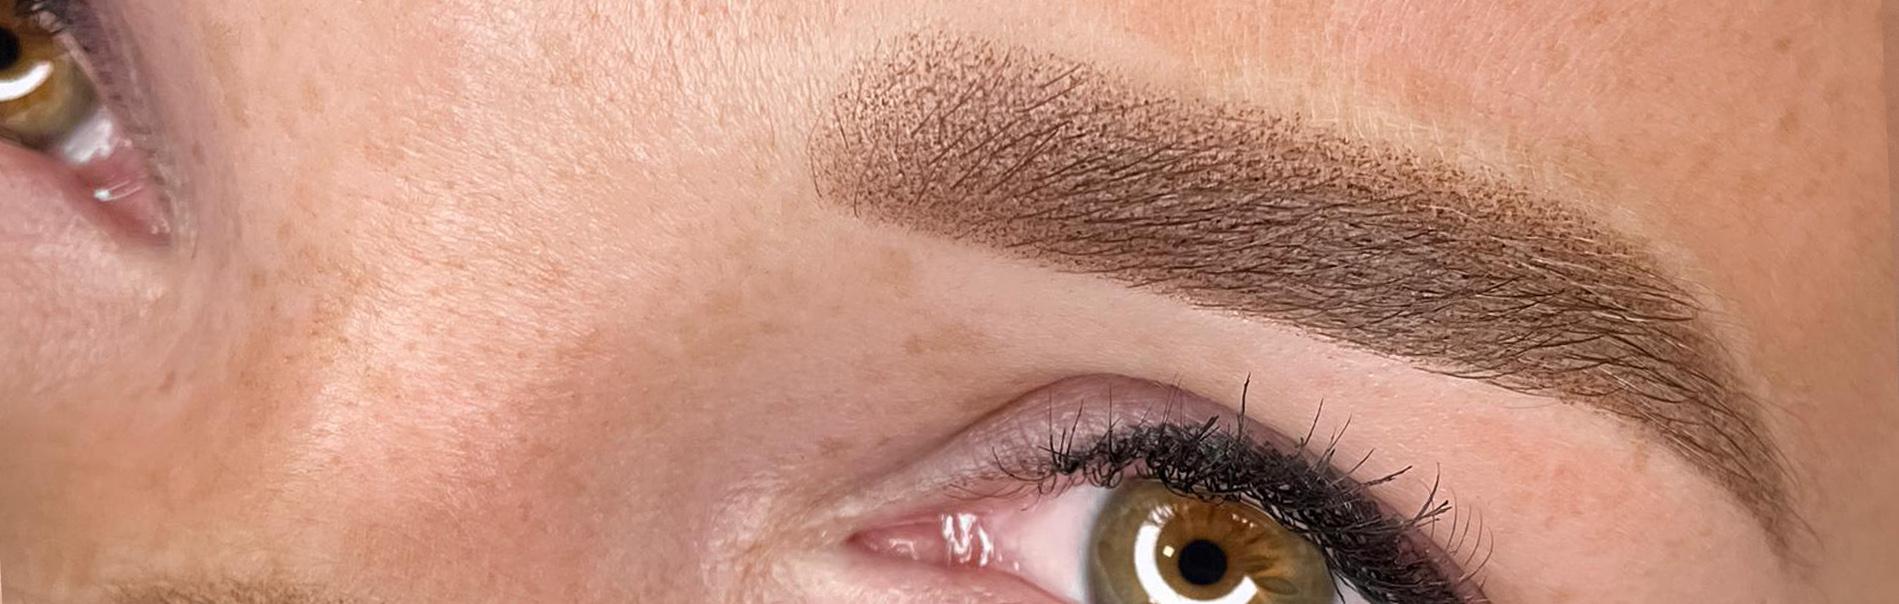 brwi permanentne, brwi permanentny, makijaż permanentny brwi, makijaż permanentny, makijaż permanentny ust, microblading brwi, permanentne brwi, permanentny brwi, brwi permanentne cena, brwi permanentne nieudane, brwi permanentne ceny, makijaż permanentny brwi cena, makijaż permanentny oczu, makijaz permanentny brwi, brwi permanentne po latach, usuwanie makijażu permanentnego, makijaż permanentny ust cena, permanentny ust, brwi permanentne pudrowe, tatuaż brwi, brwi microblading,